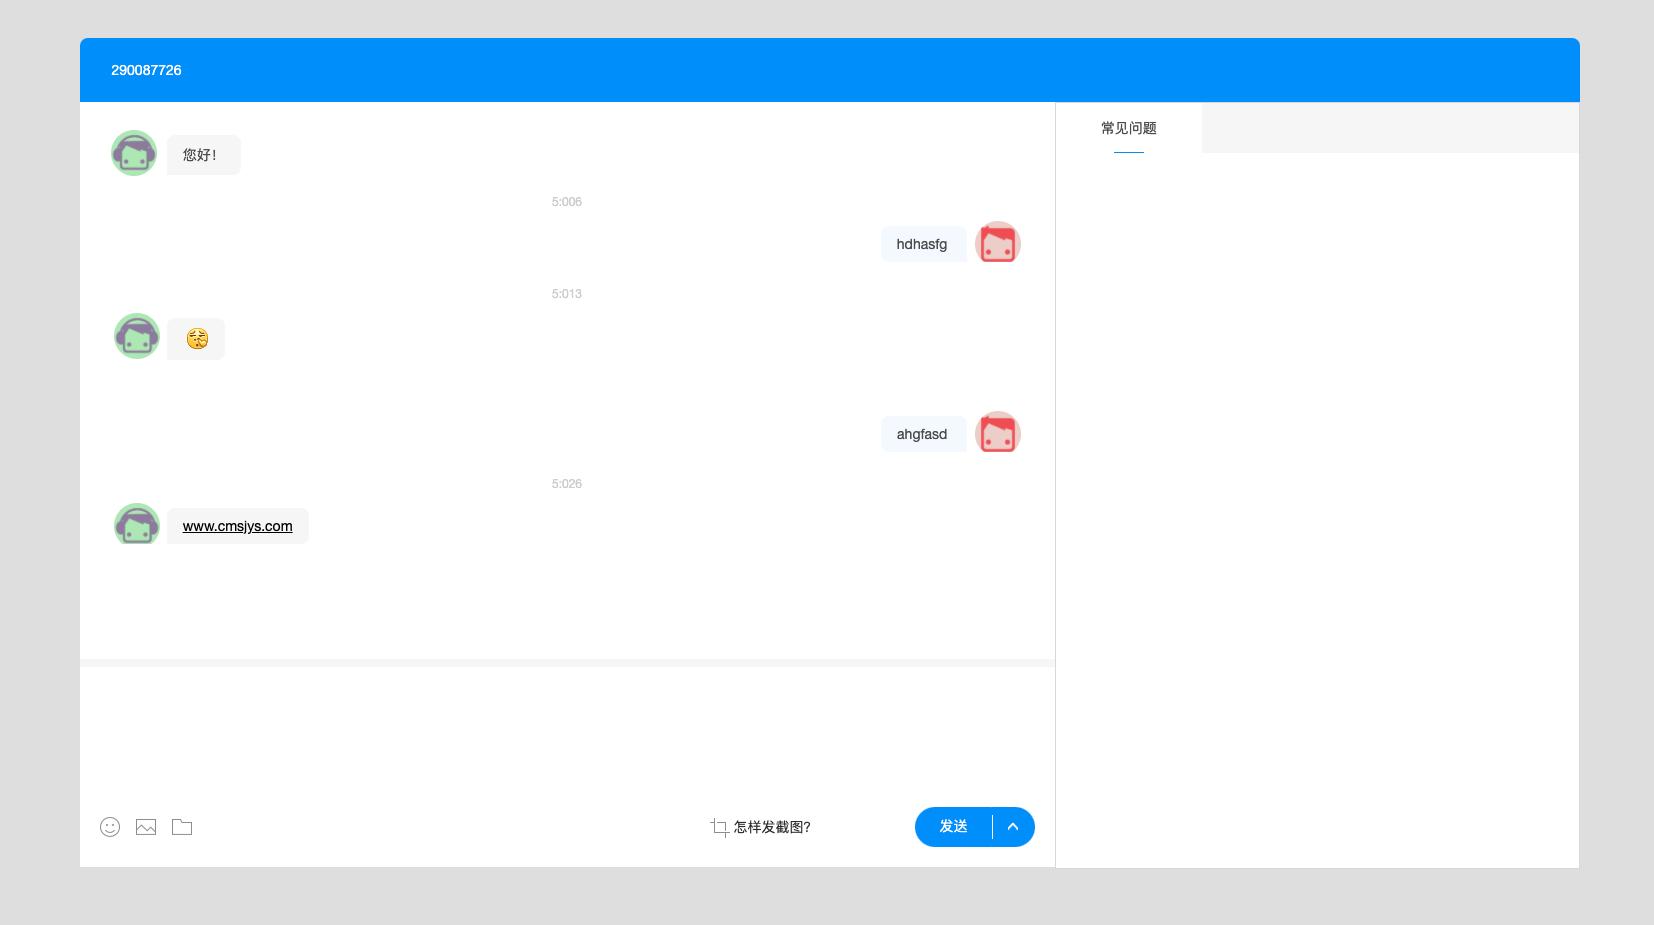 【亲测源码】【视频教程】 Thinphp在线客服系统商家跨平台连接无尽在线客服系统适用PC+WAP+微信公众号+视频教程插图3